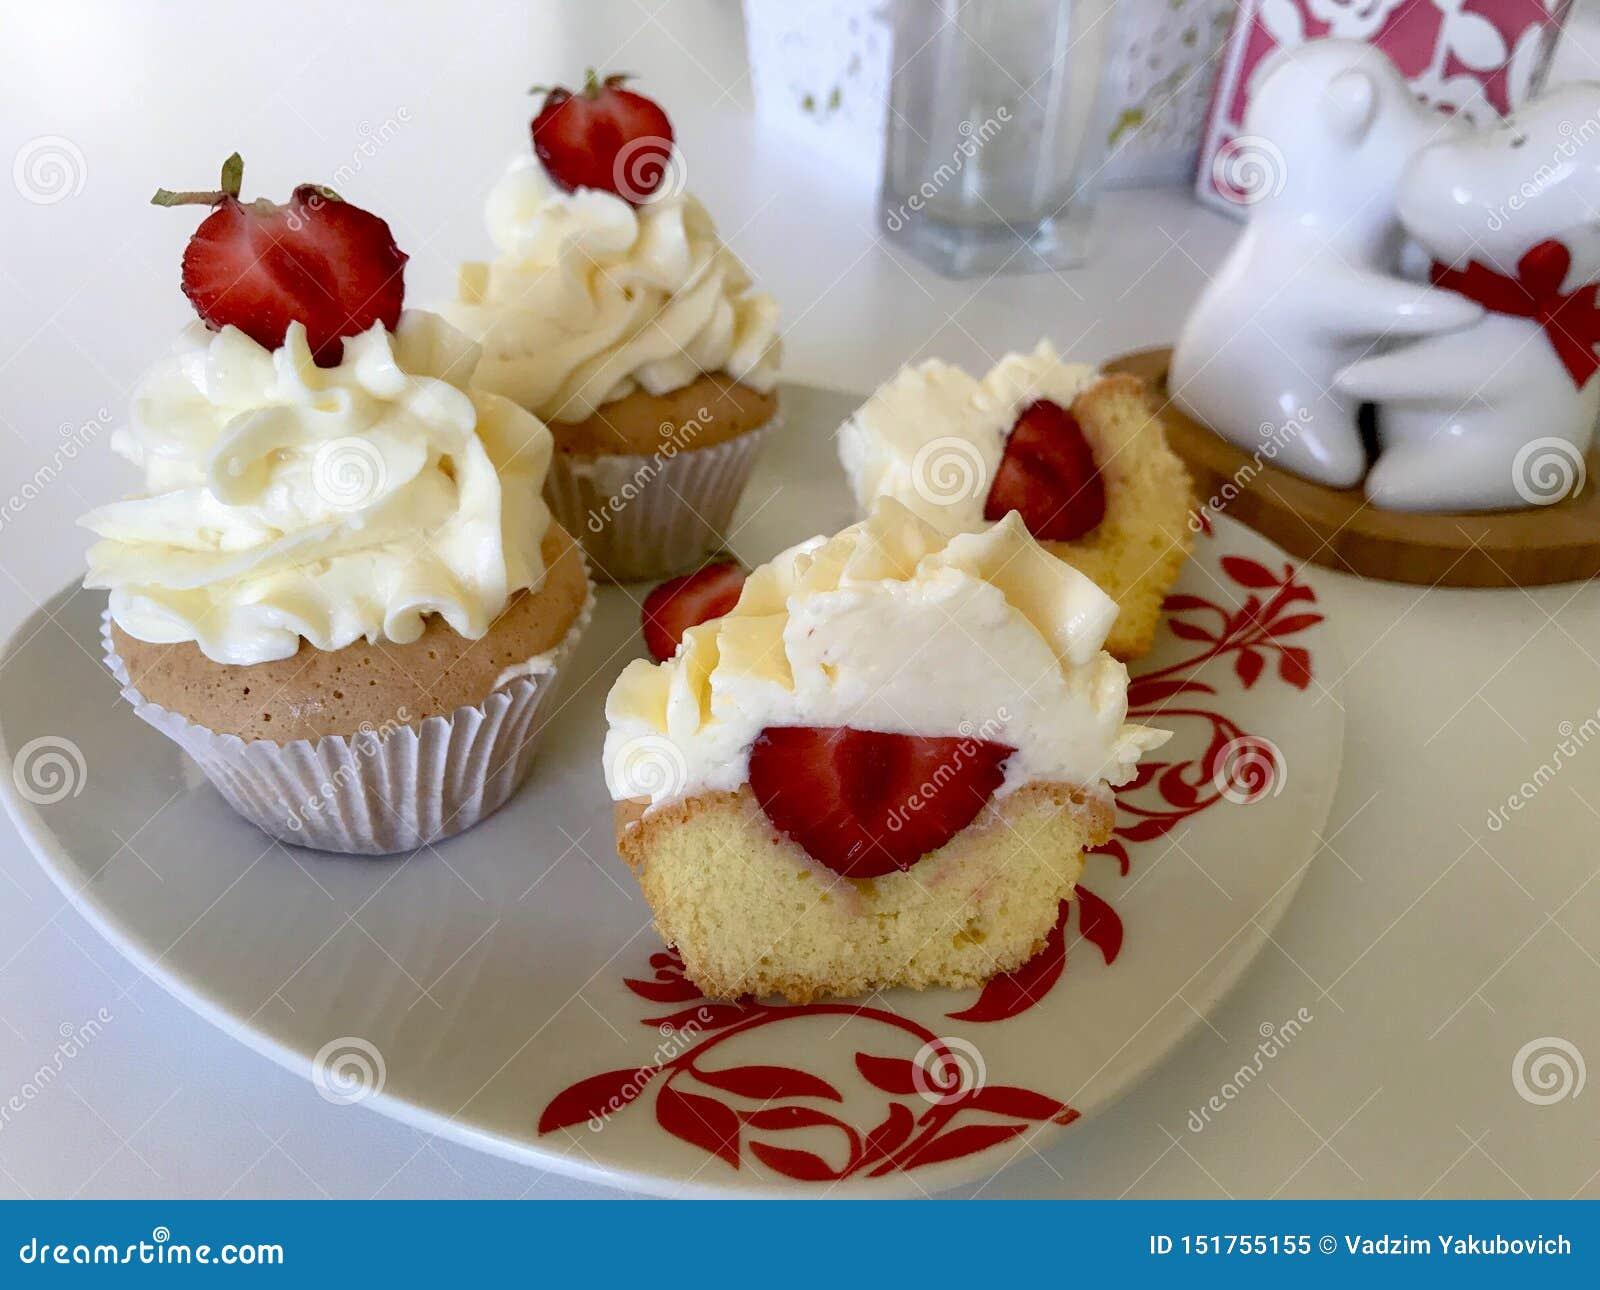 Пирожные с клубниками и сливк масла Отрезано одно из их, завалка видимо На белой поверхности с декоративным